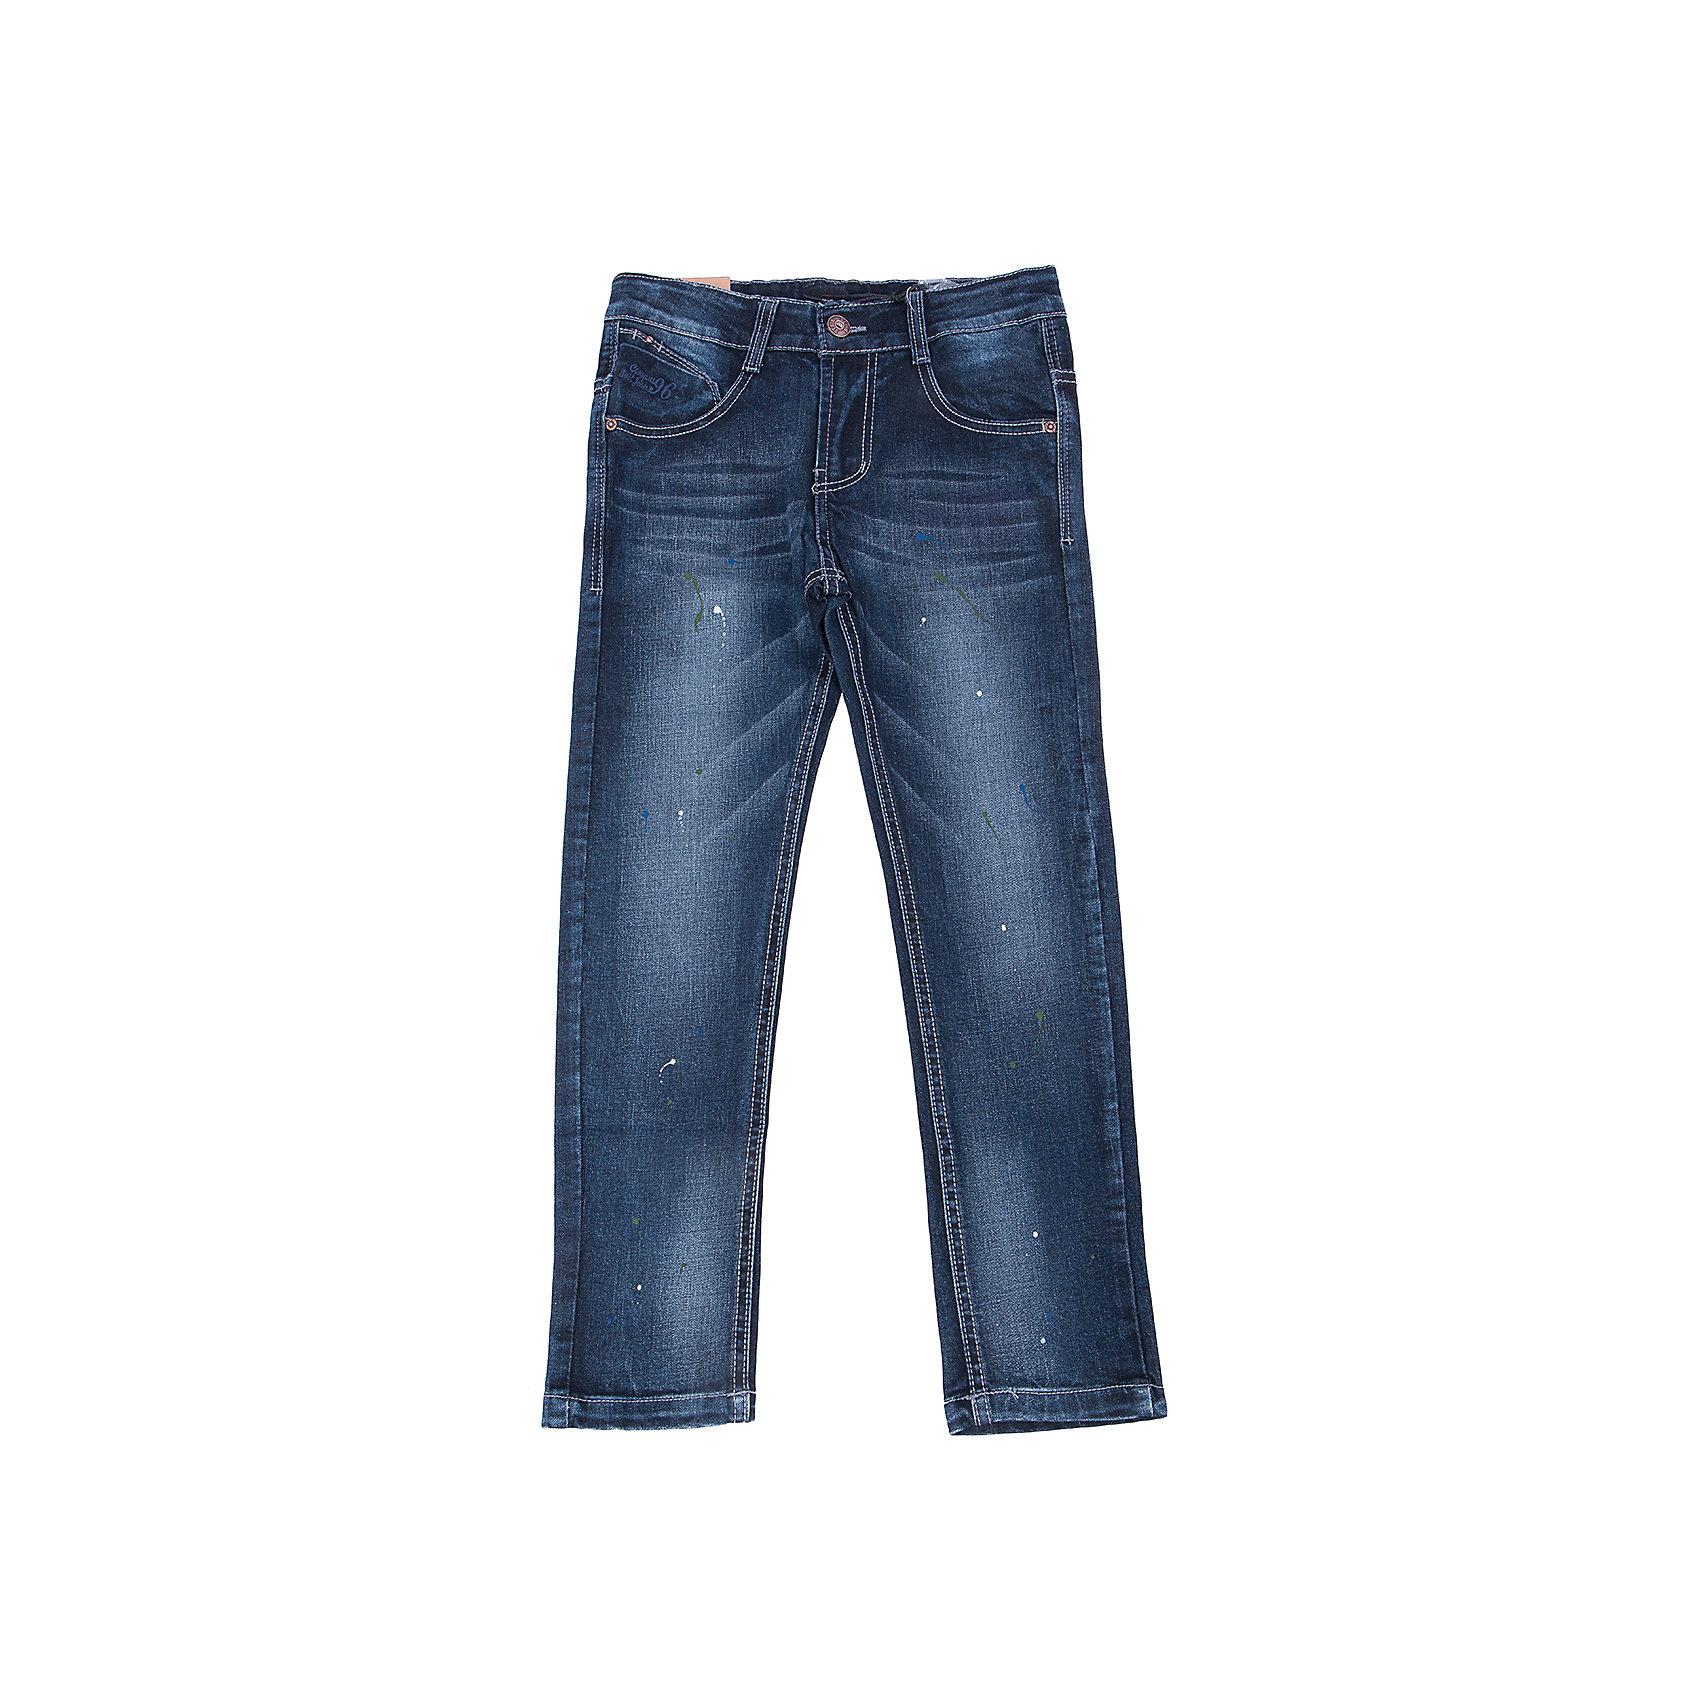 Джинсы для мальчика LuminosoДжинсы<br>Характеристики товара:<br><br>- цвет: синий;<br>- материал: 98% хлопок, 2% эластан;<br>- застежка: пуговица и молния;<br>- пояс регулируется внутренней резинкой на пуговицах;<br>- эффект потертостей.<br><br>Стильная одежда от бренда Luminoso (Люминосо), созданная при участии итальянских дизайнеров, учитывает потребности подростков и последние веяния моды. Она удобная и модная.<br>Эти джинсы выглядят стильно, но при этом подходят для ежедневного ношения. Они хорошо сидят на ребенке, обеспечивают комфорт и отлично сочетаются с одежной разных стилей. Модель отличается высоким качеством материала и продуманным дизайном. Натуральный хлопок в составе изделия делает его дышащим, приятным на ощупь и гипоаллергеным.<br><br>Джинсы для мальчика от бренда Luminoso (Люминосо) можно купить в нашем интернет-магазине.<br><br>Ширина мм: 215<br>Глубина мм: 88<br>Высота мм: 191<br>Вес г: 336<br>Цвет: синий<br>Возраст от месяцев: 108<br>Возраст до месяцев: 120<br>Пол: Мужской<br>Возраст: Детский<br>Размер: 134,146,152,140,158,164<br>SKU: 4930809